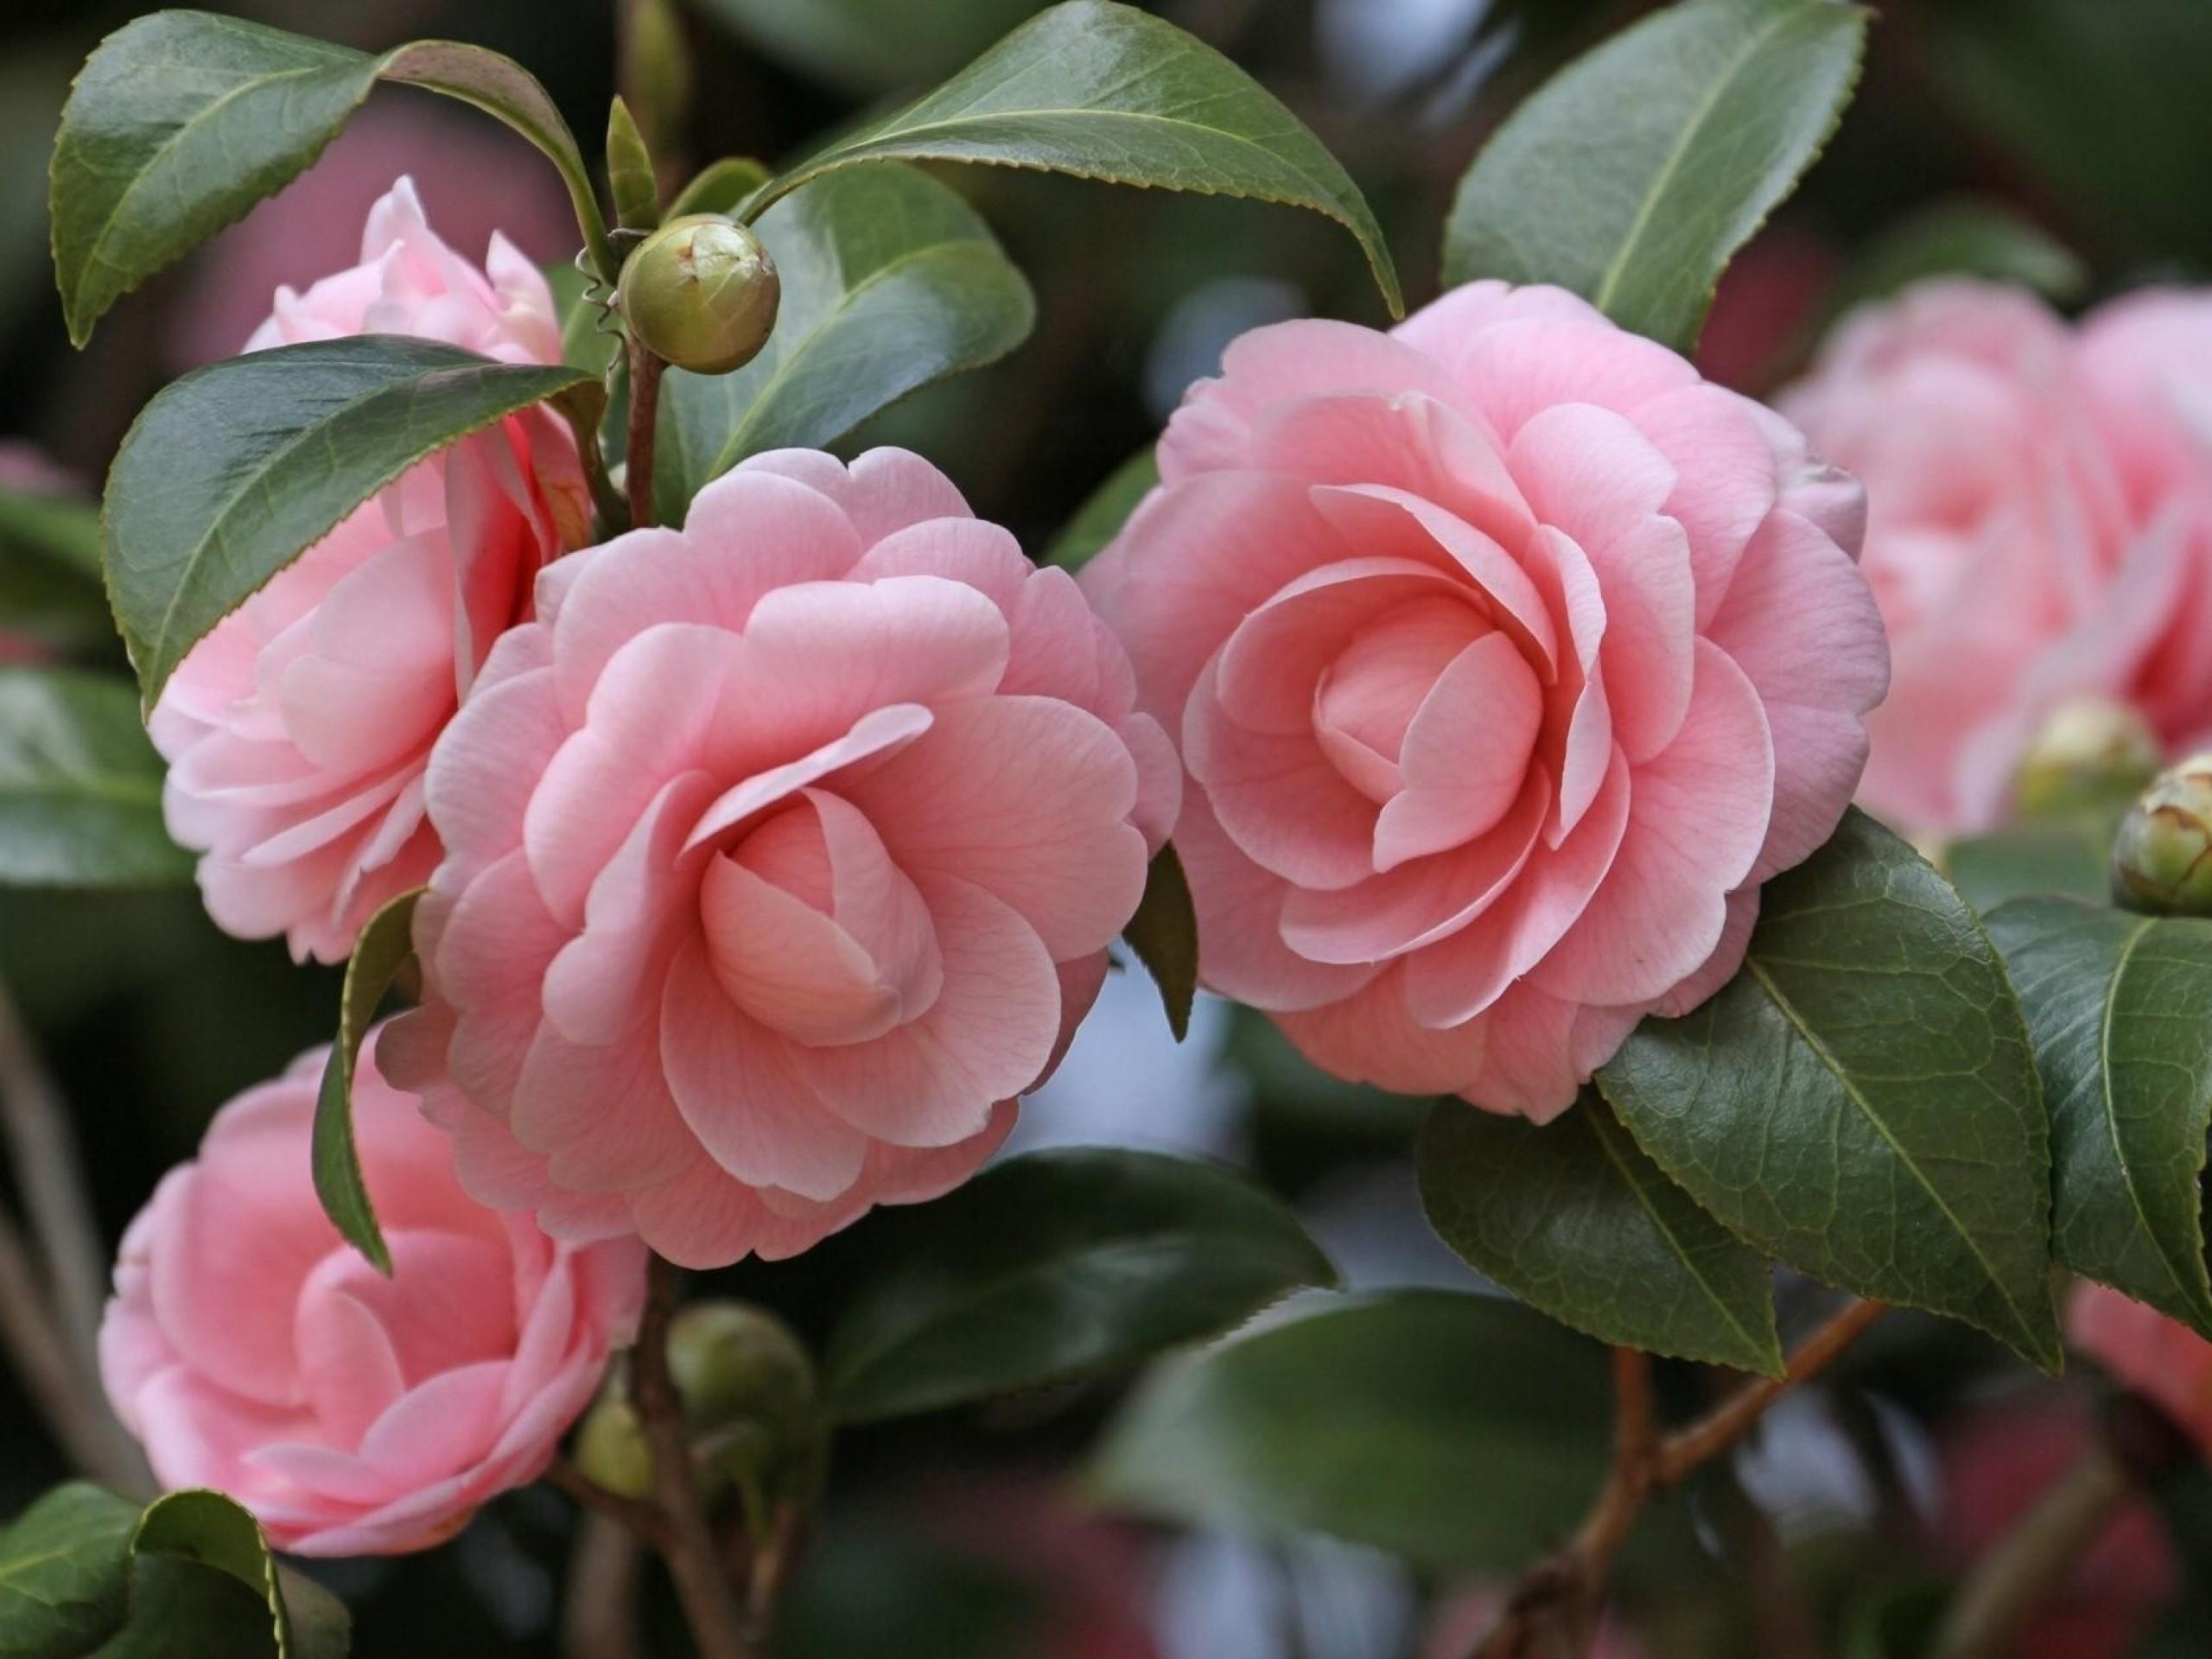 camellias pictures